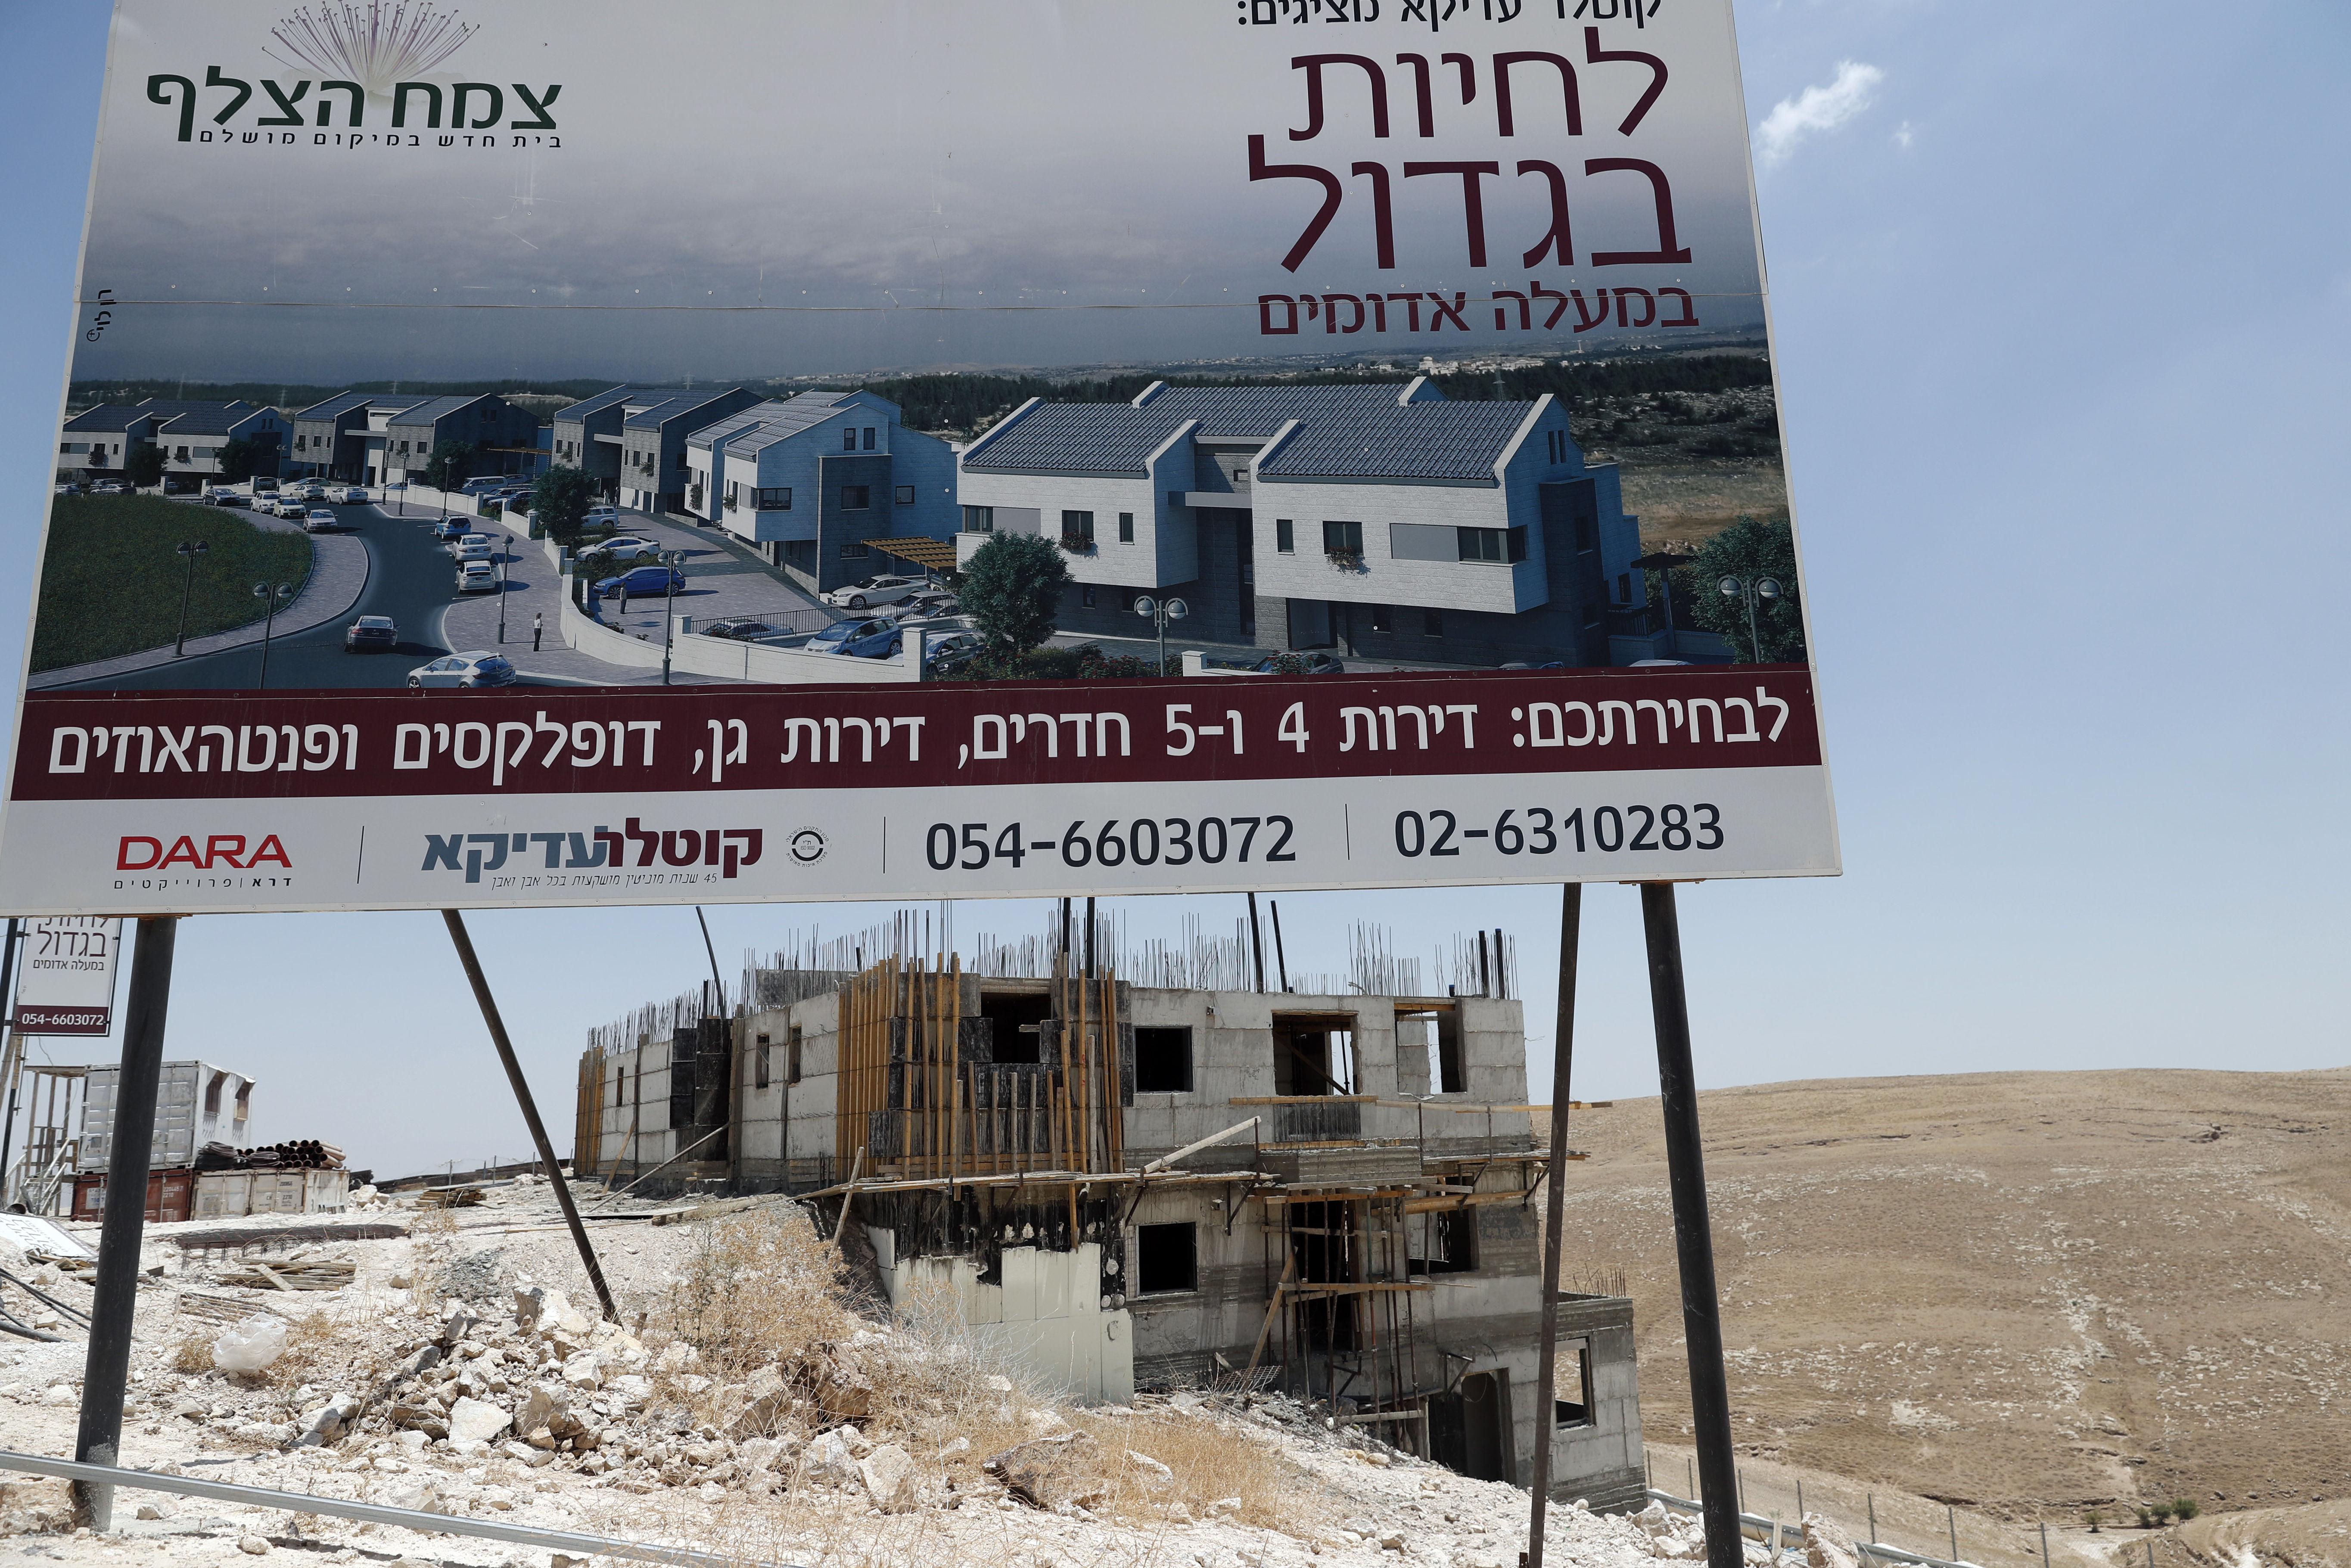 A construção de moradias para judeus na margem ocidental do rio Jordão na cidade de Maale Adumim